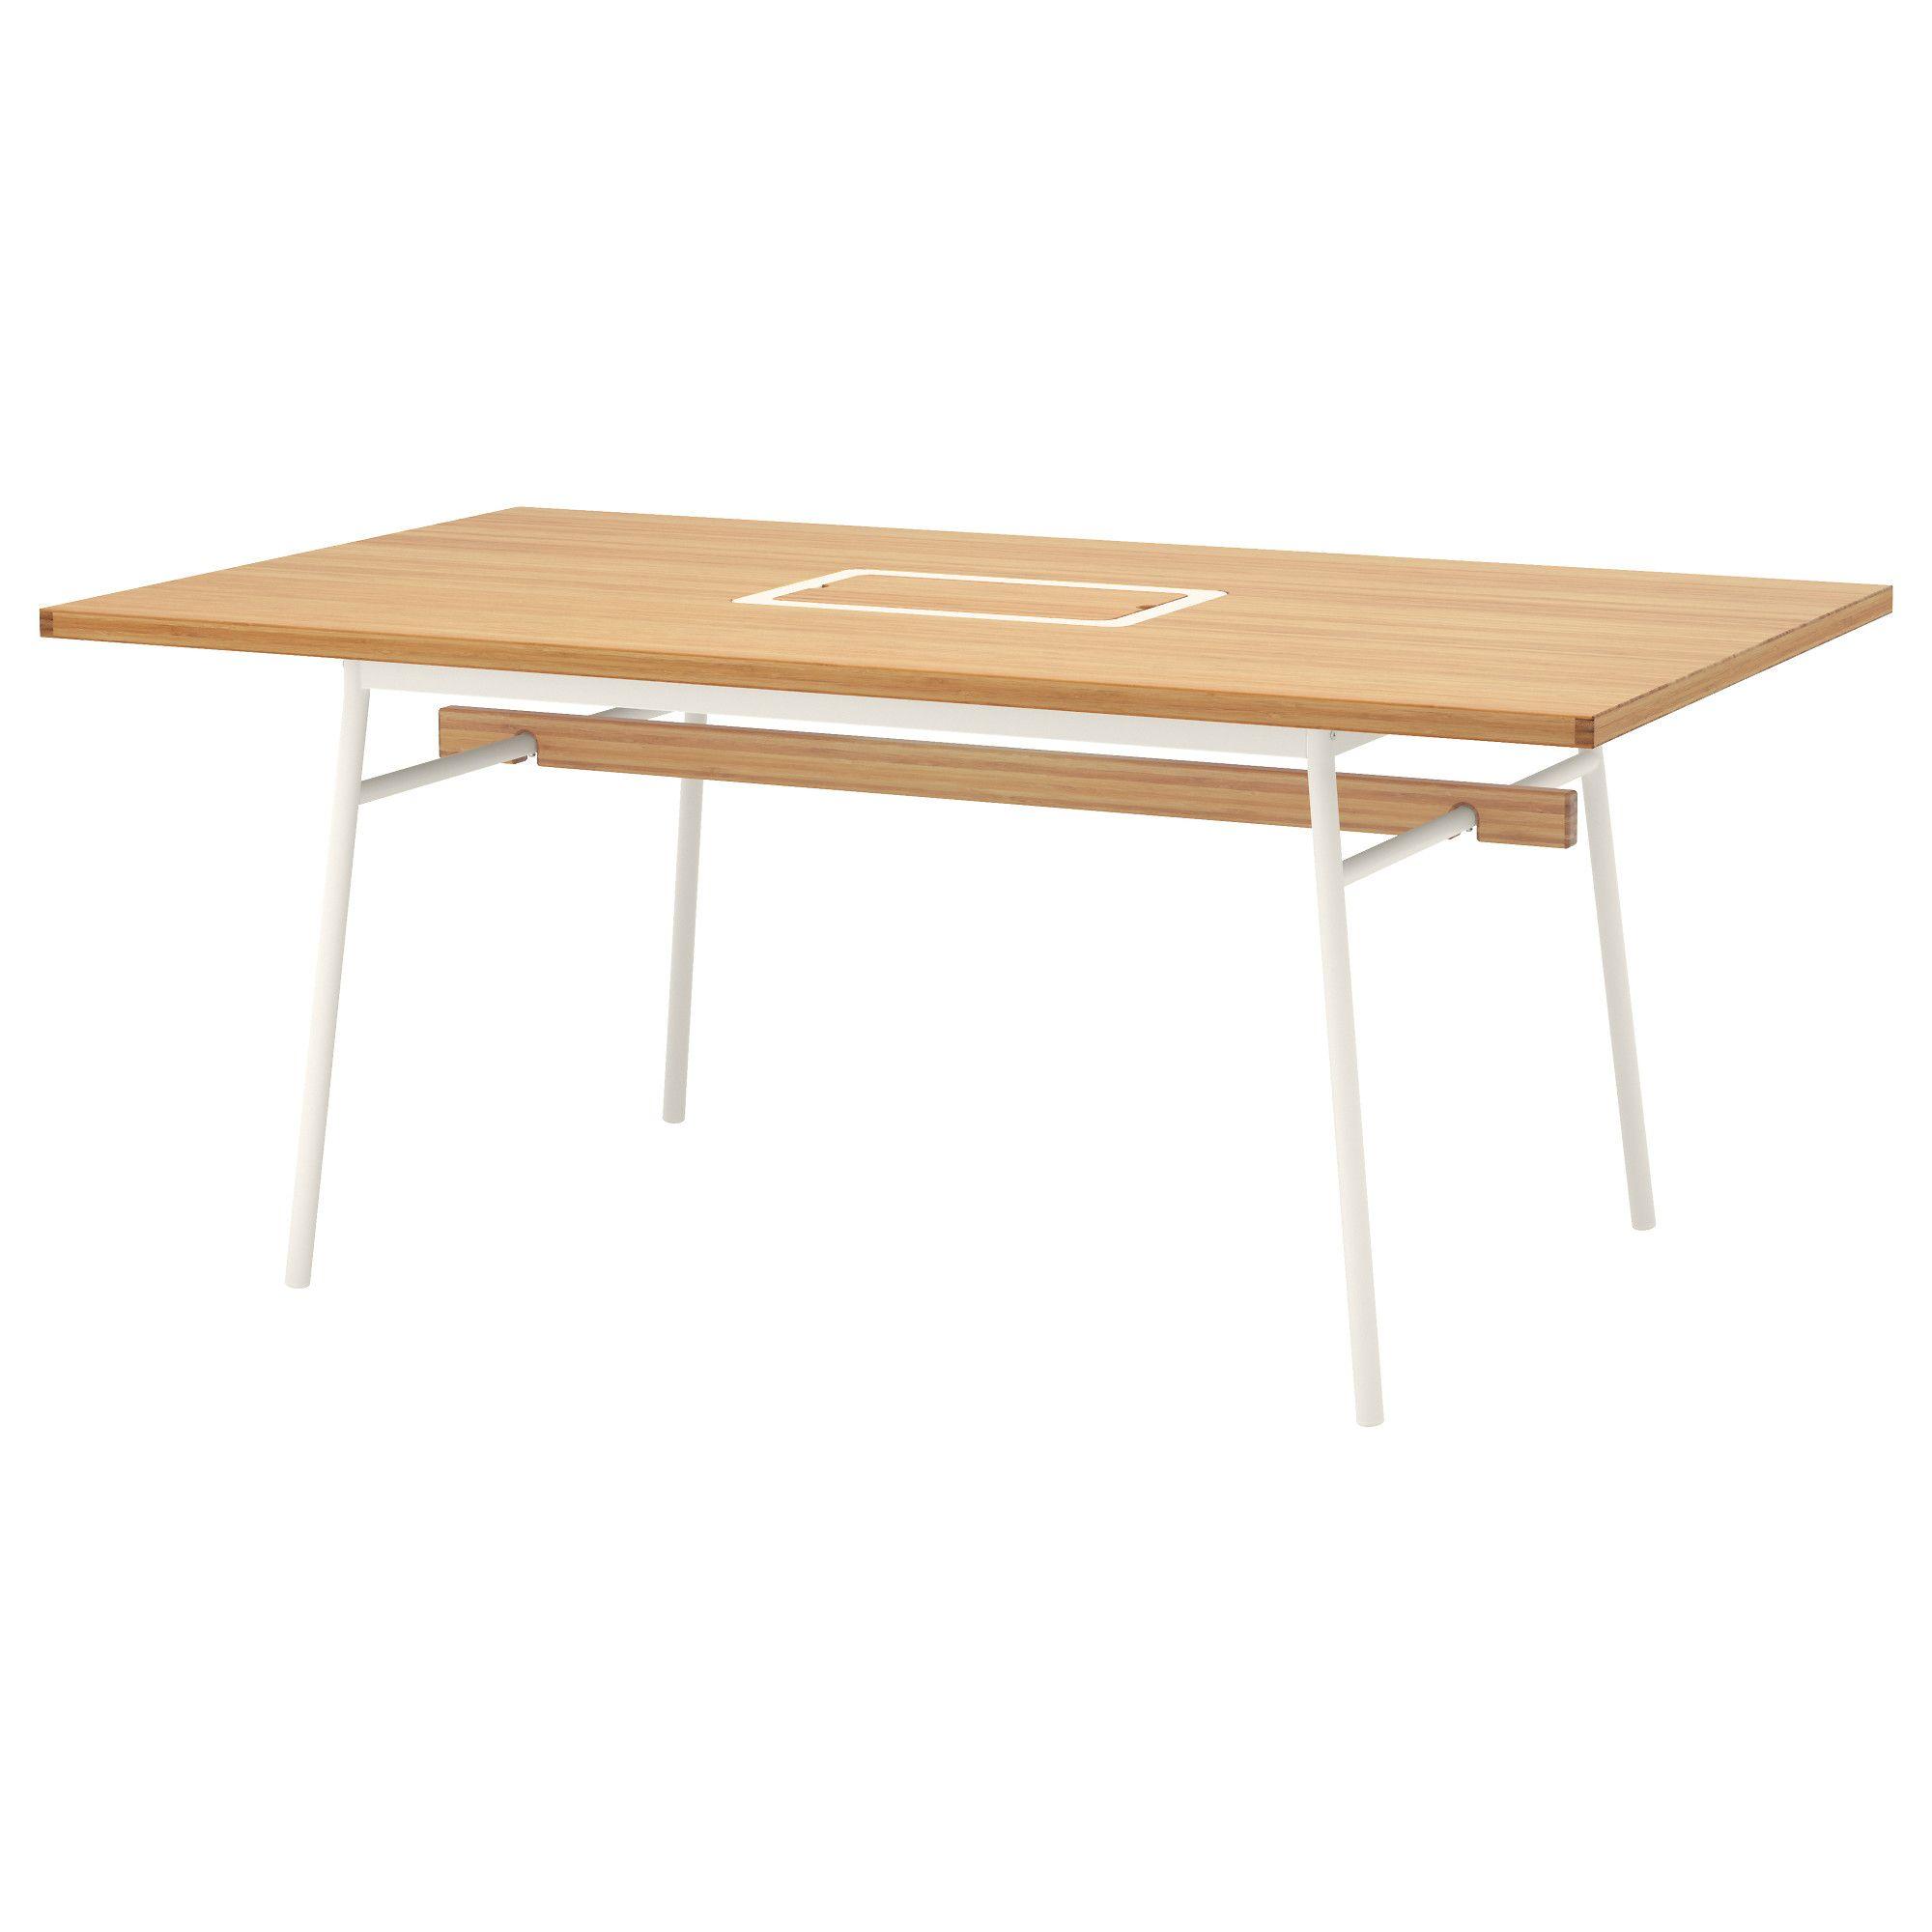 Pin By Ladendirekt On Esstische Und Kuchentische Tisch Kuche